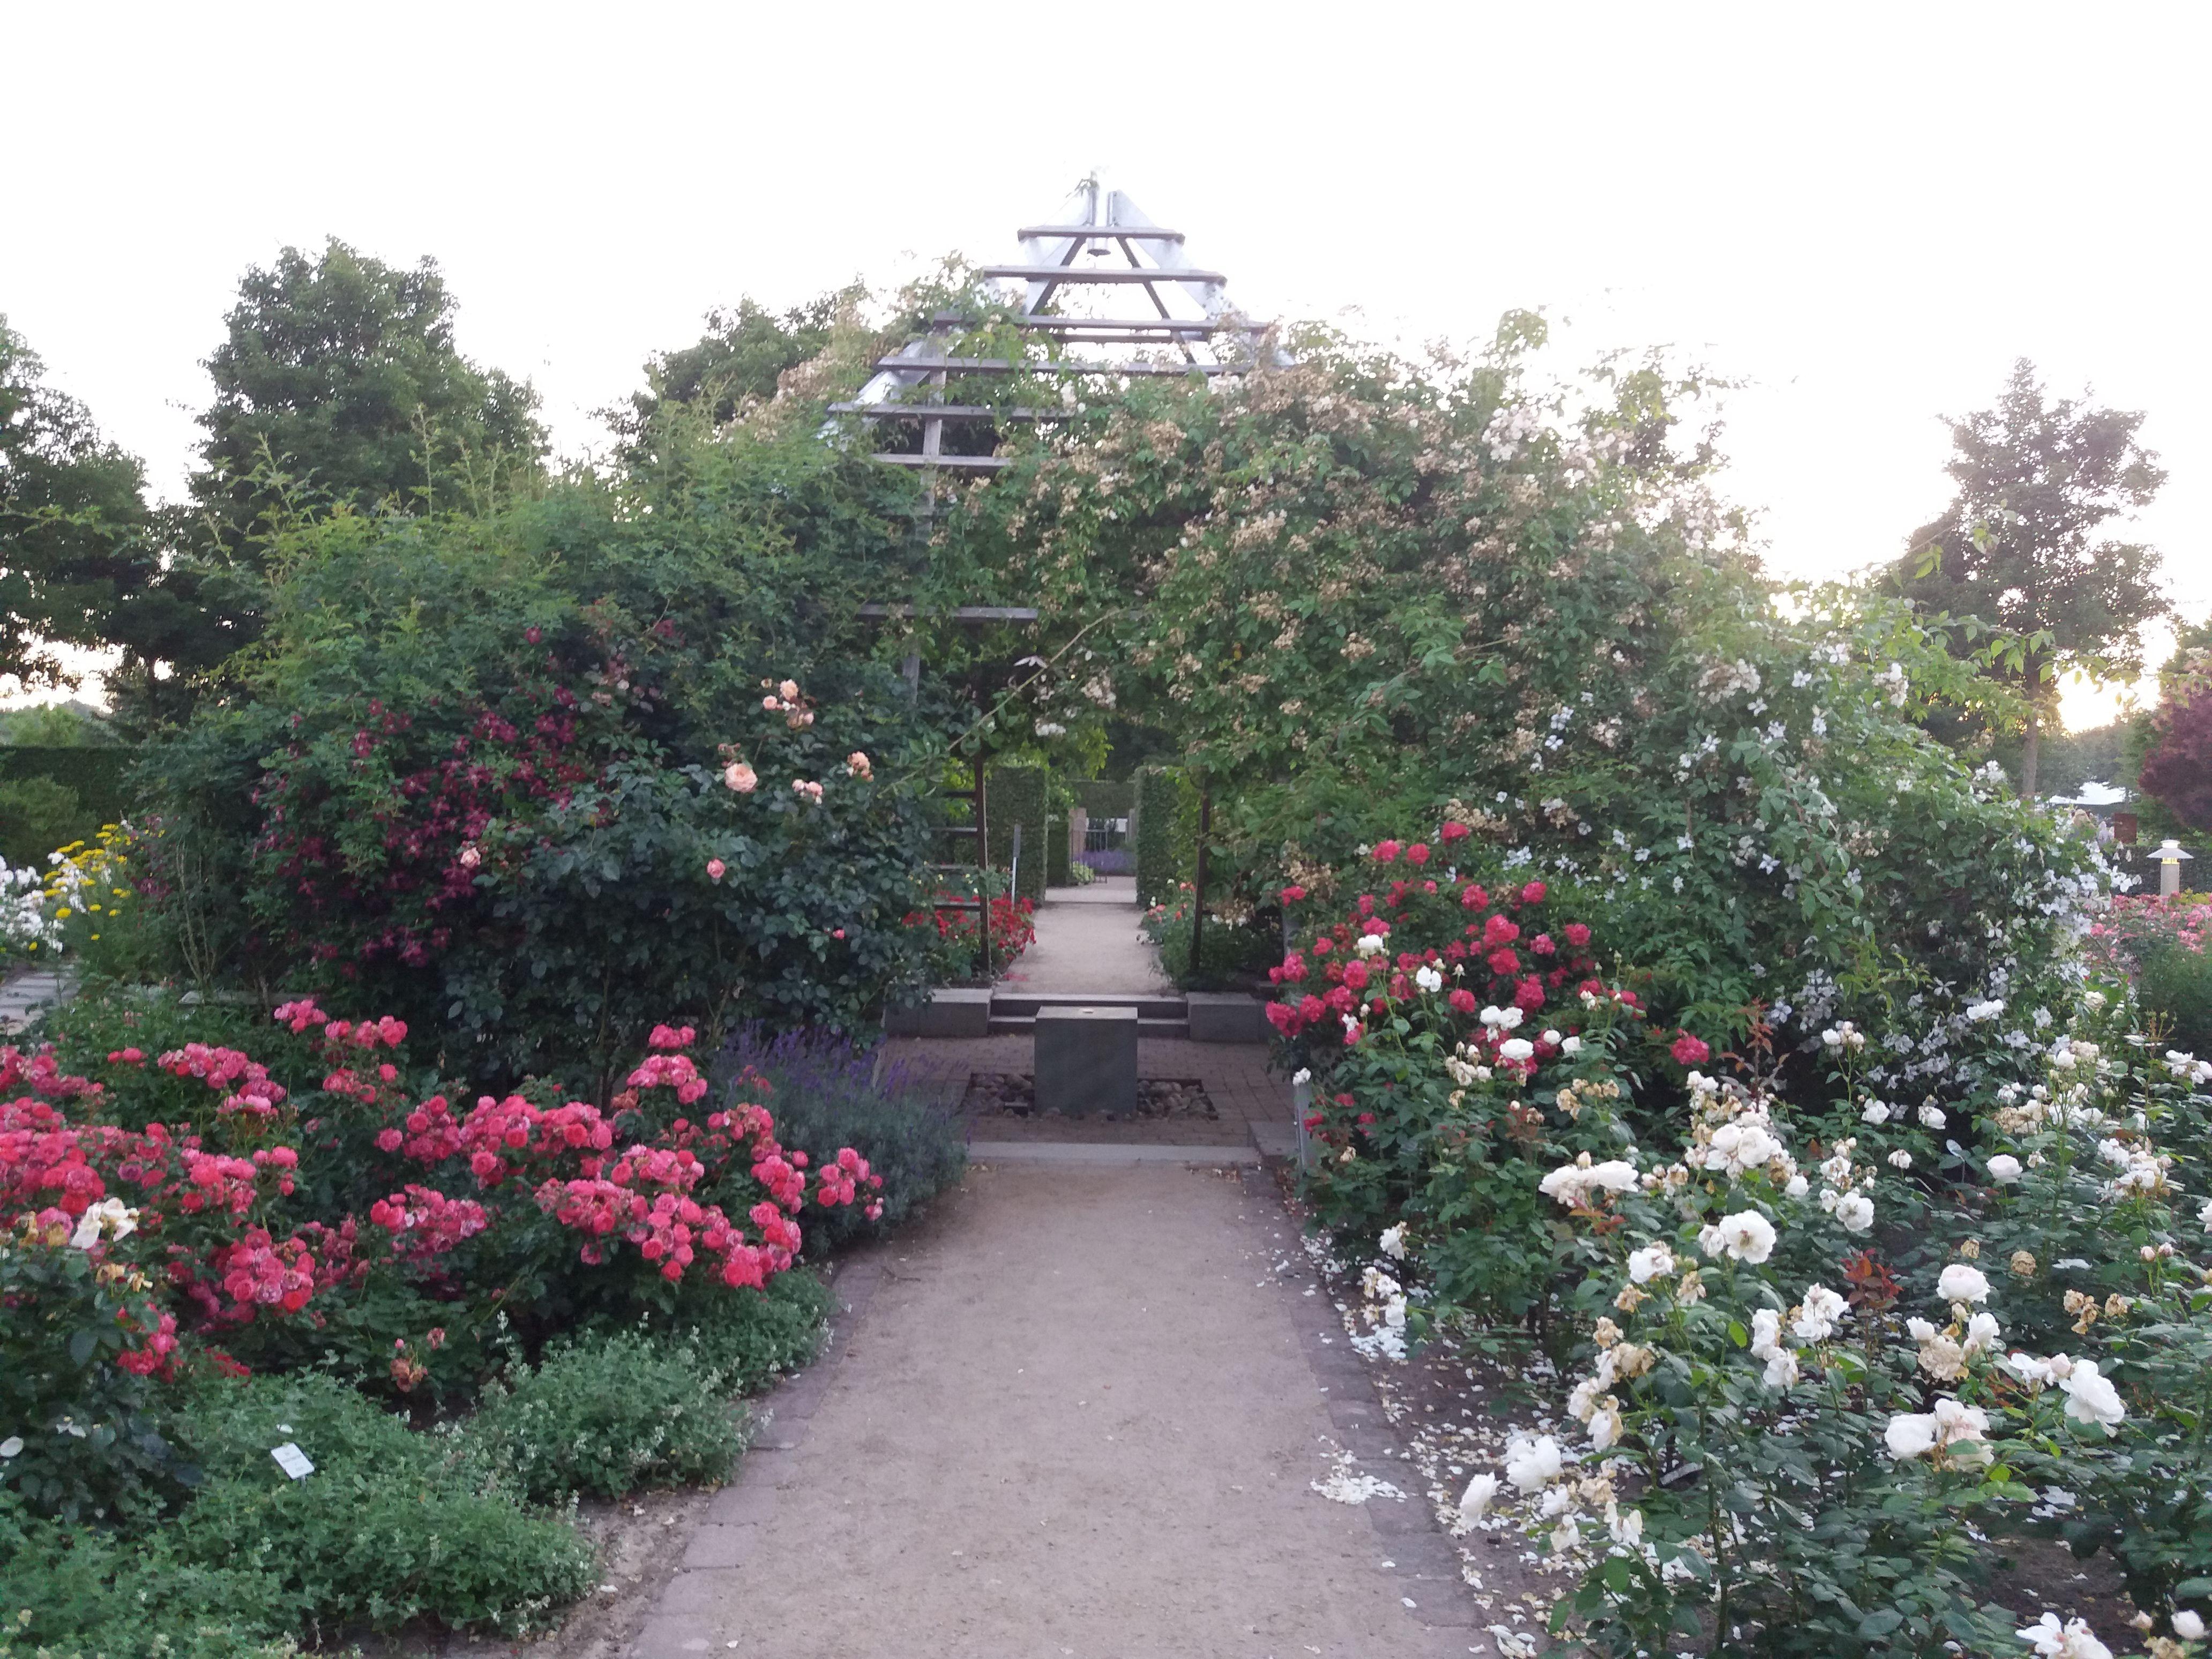 Gartenimpressionen Aus Dem Park Der Garten In Bad Zwischenahn Garten Gartengestaltung Gartenkunst Pflanzen Gartendeko Sidewalk